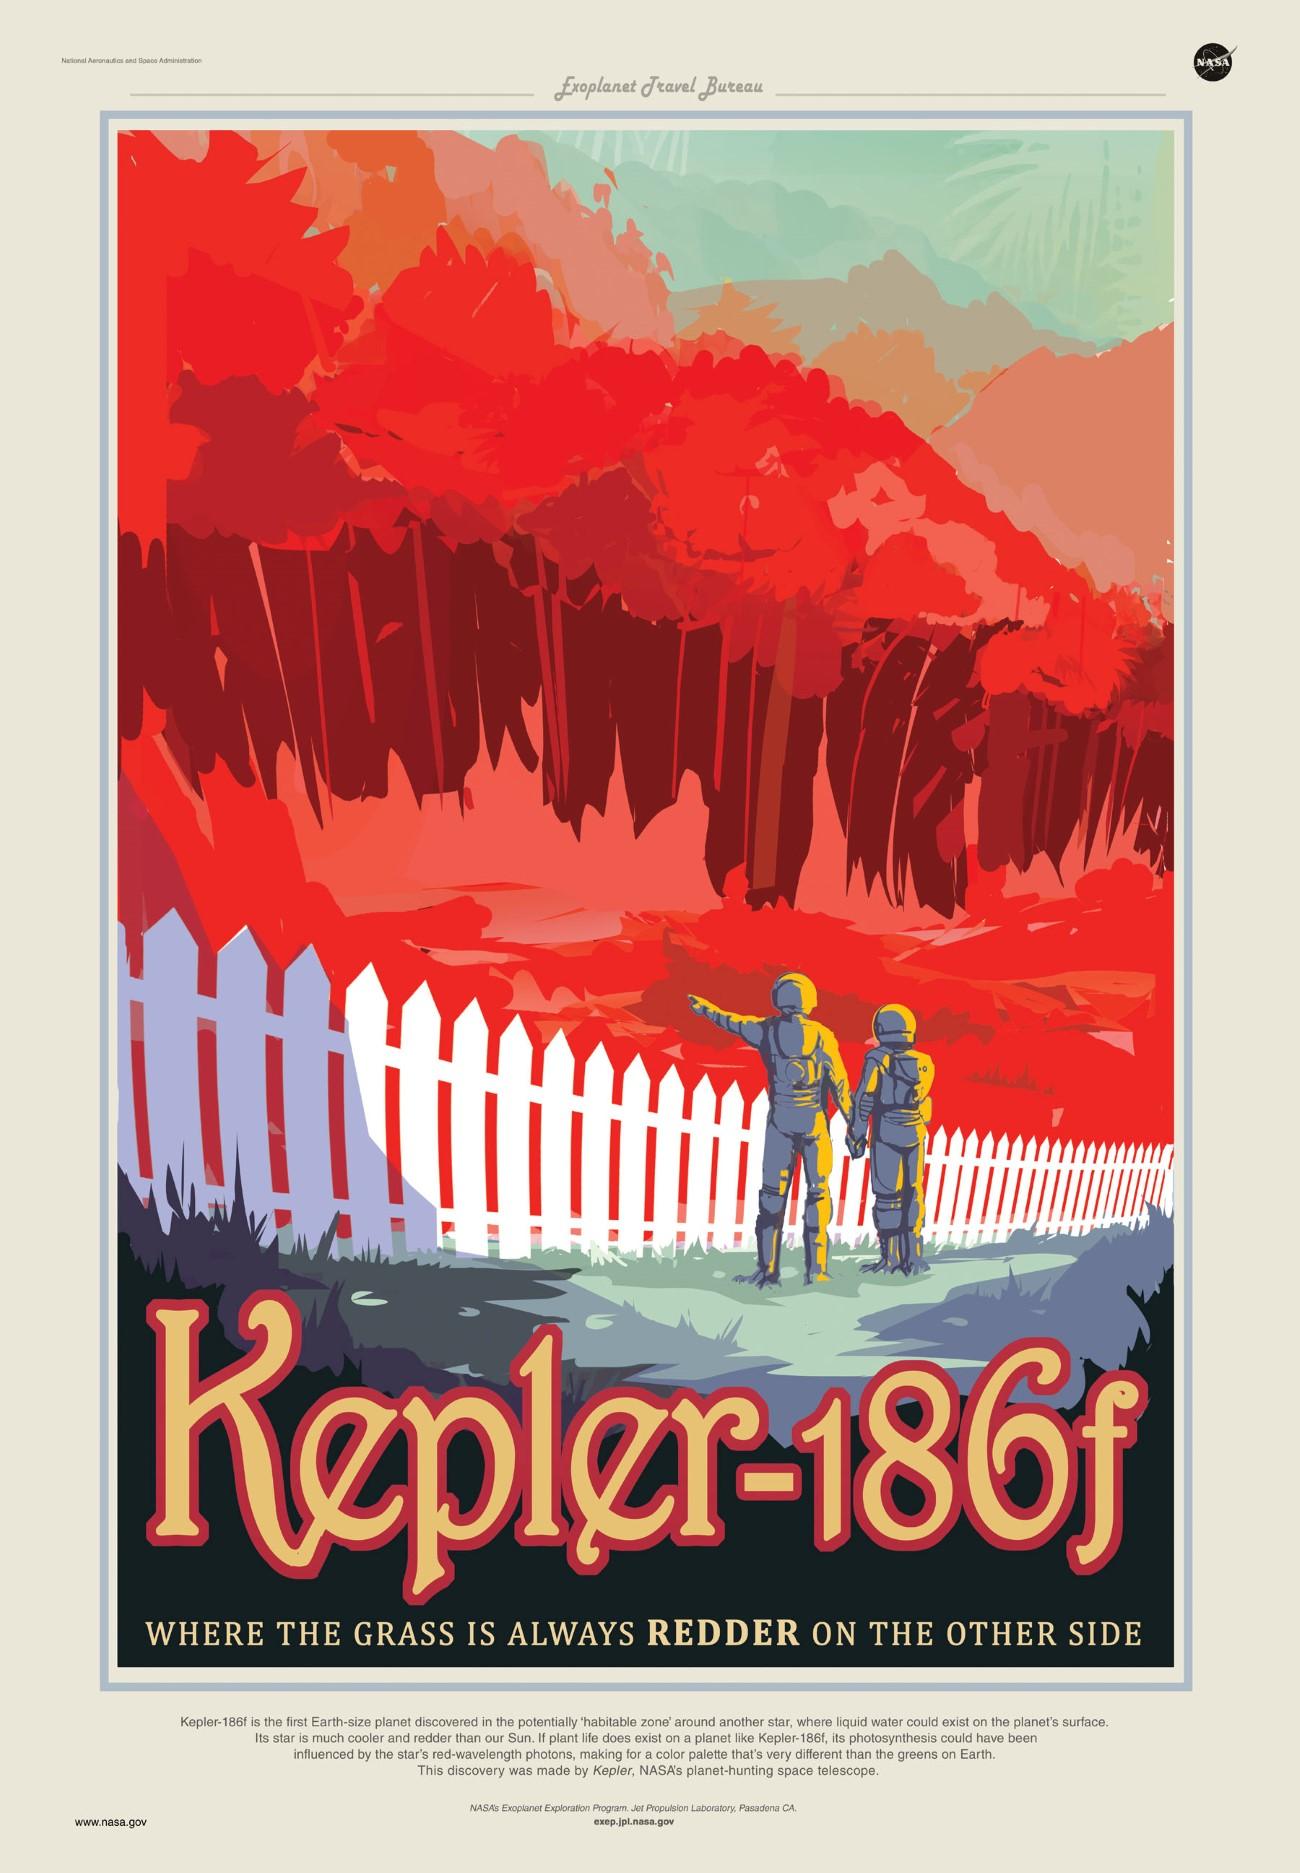 Poster viagem no espaco - NASA Kepler_186f